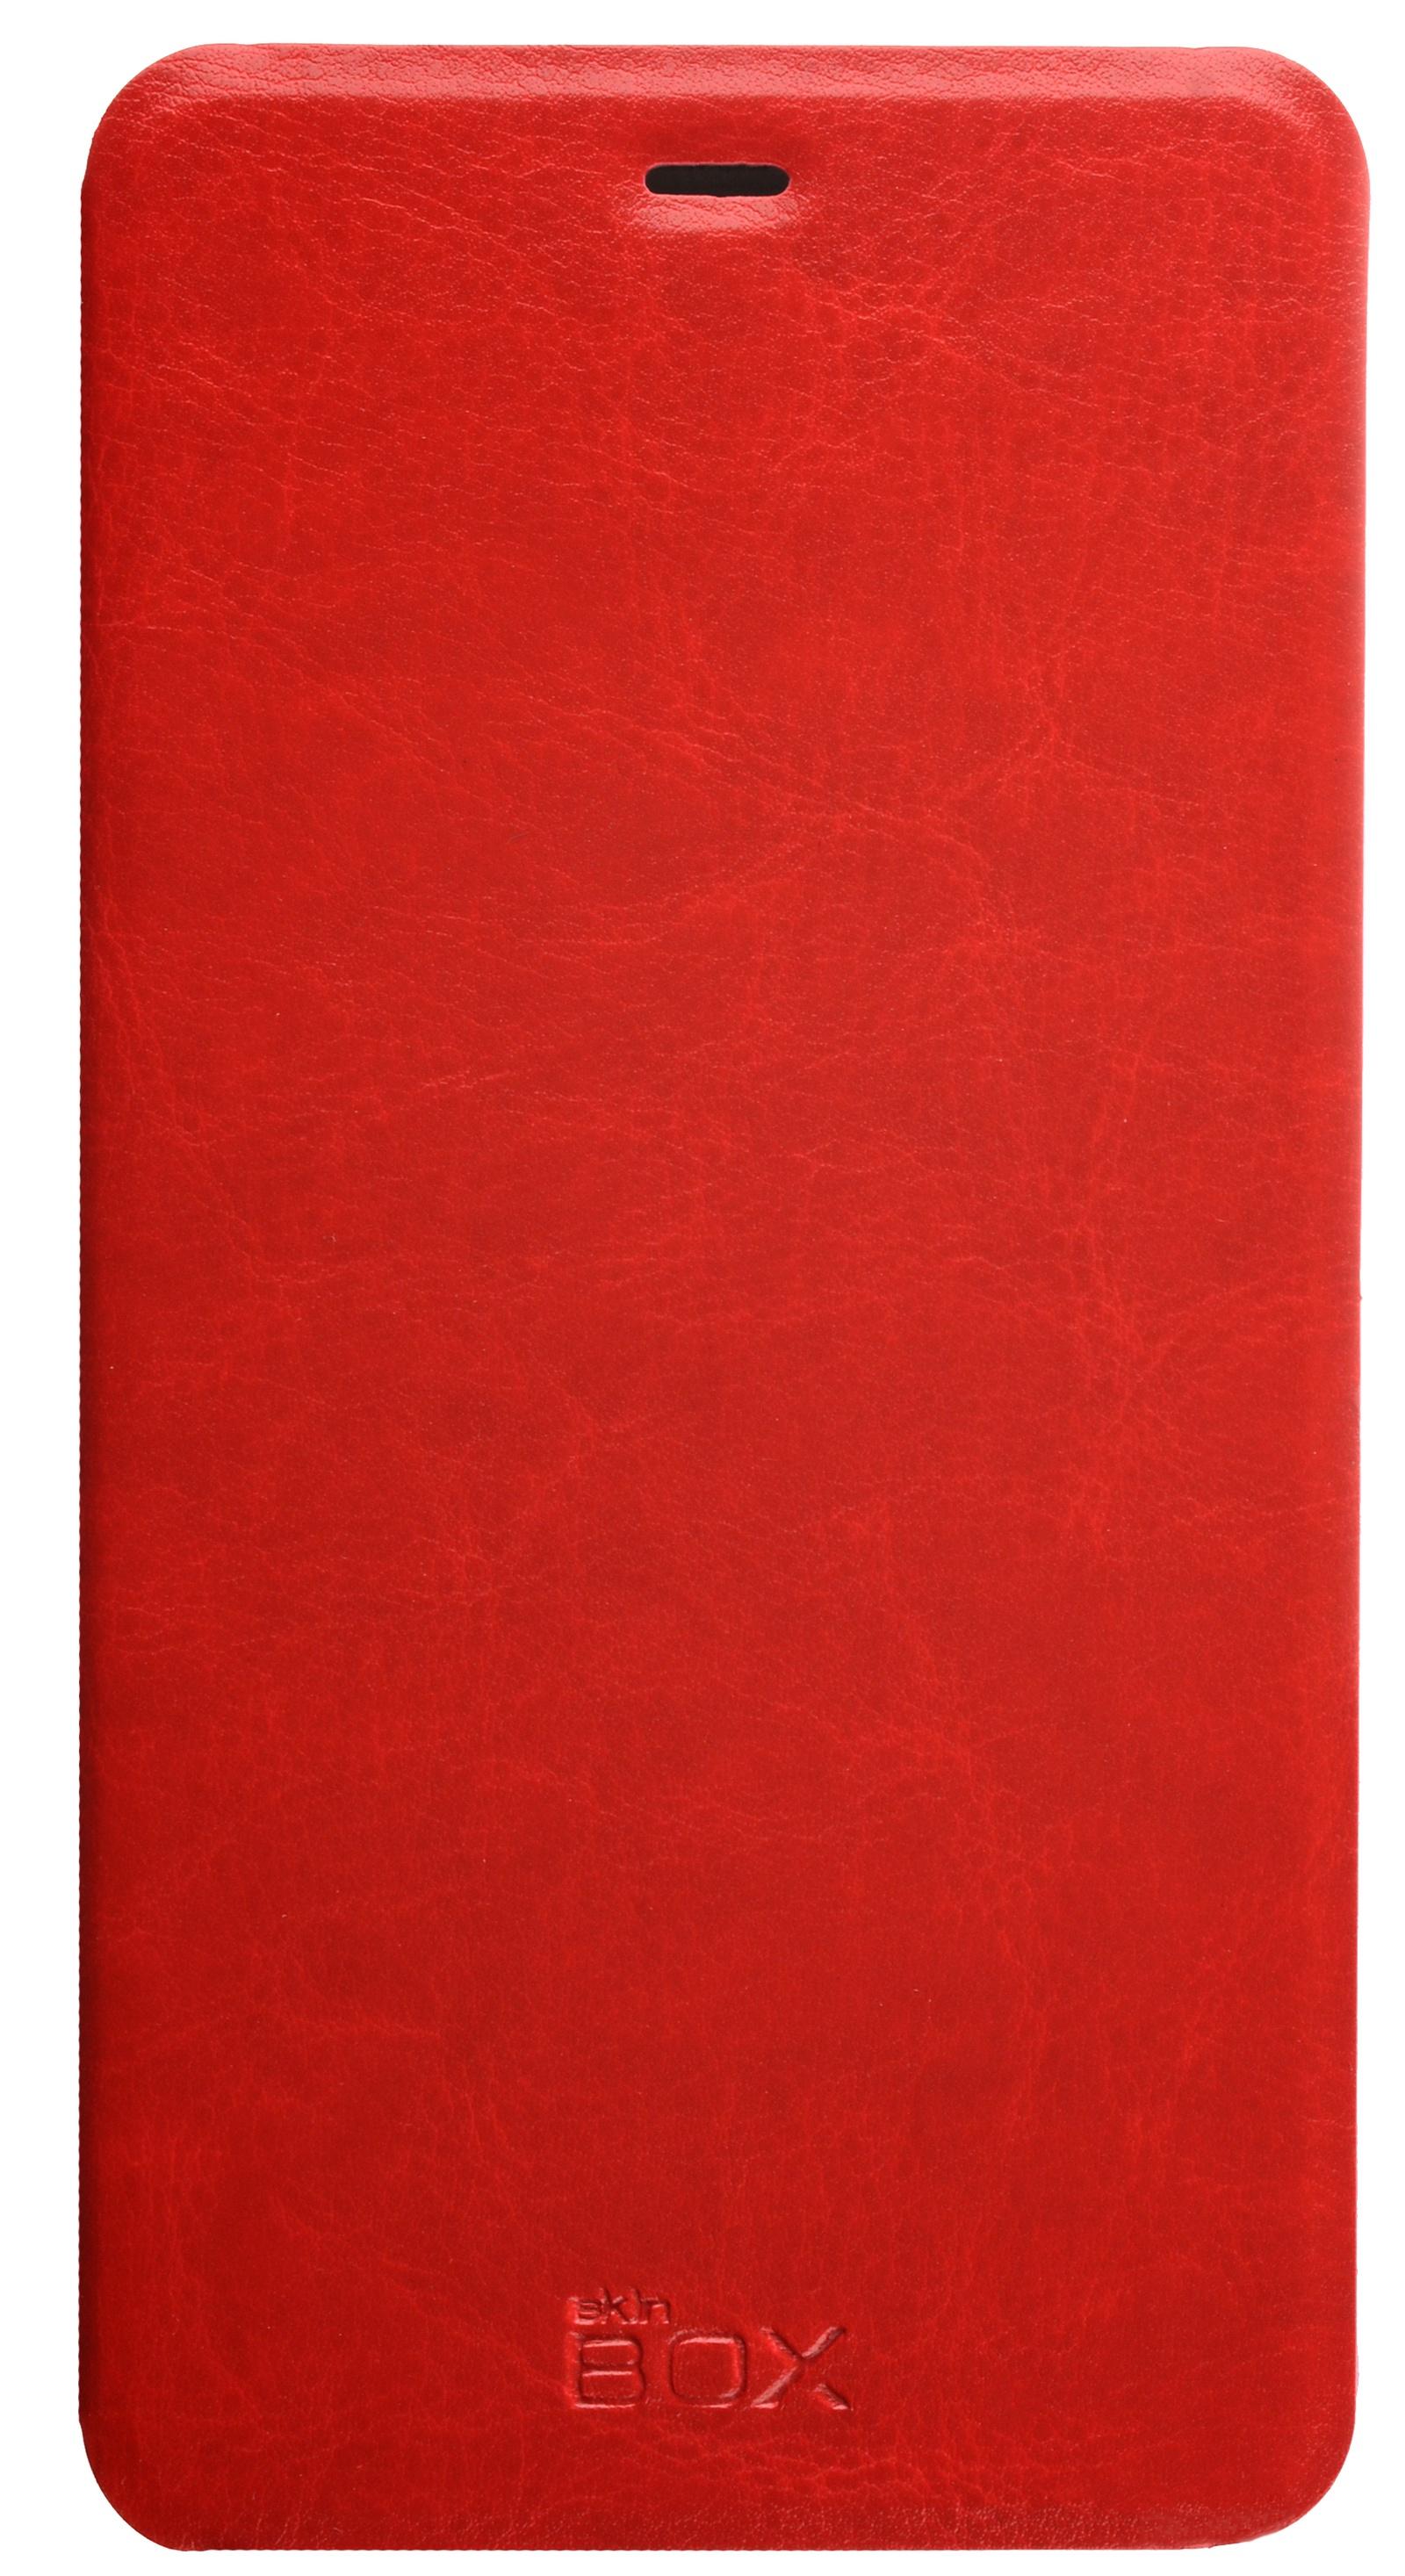 Чехол для сотового телефона skinBOX Lux, 4630042525320, красный цена и фото